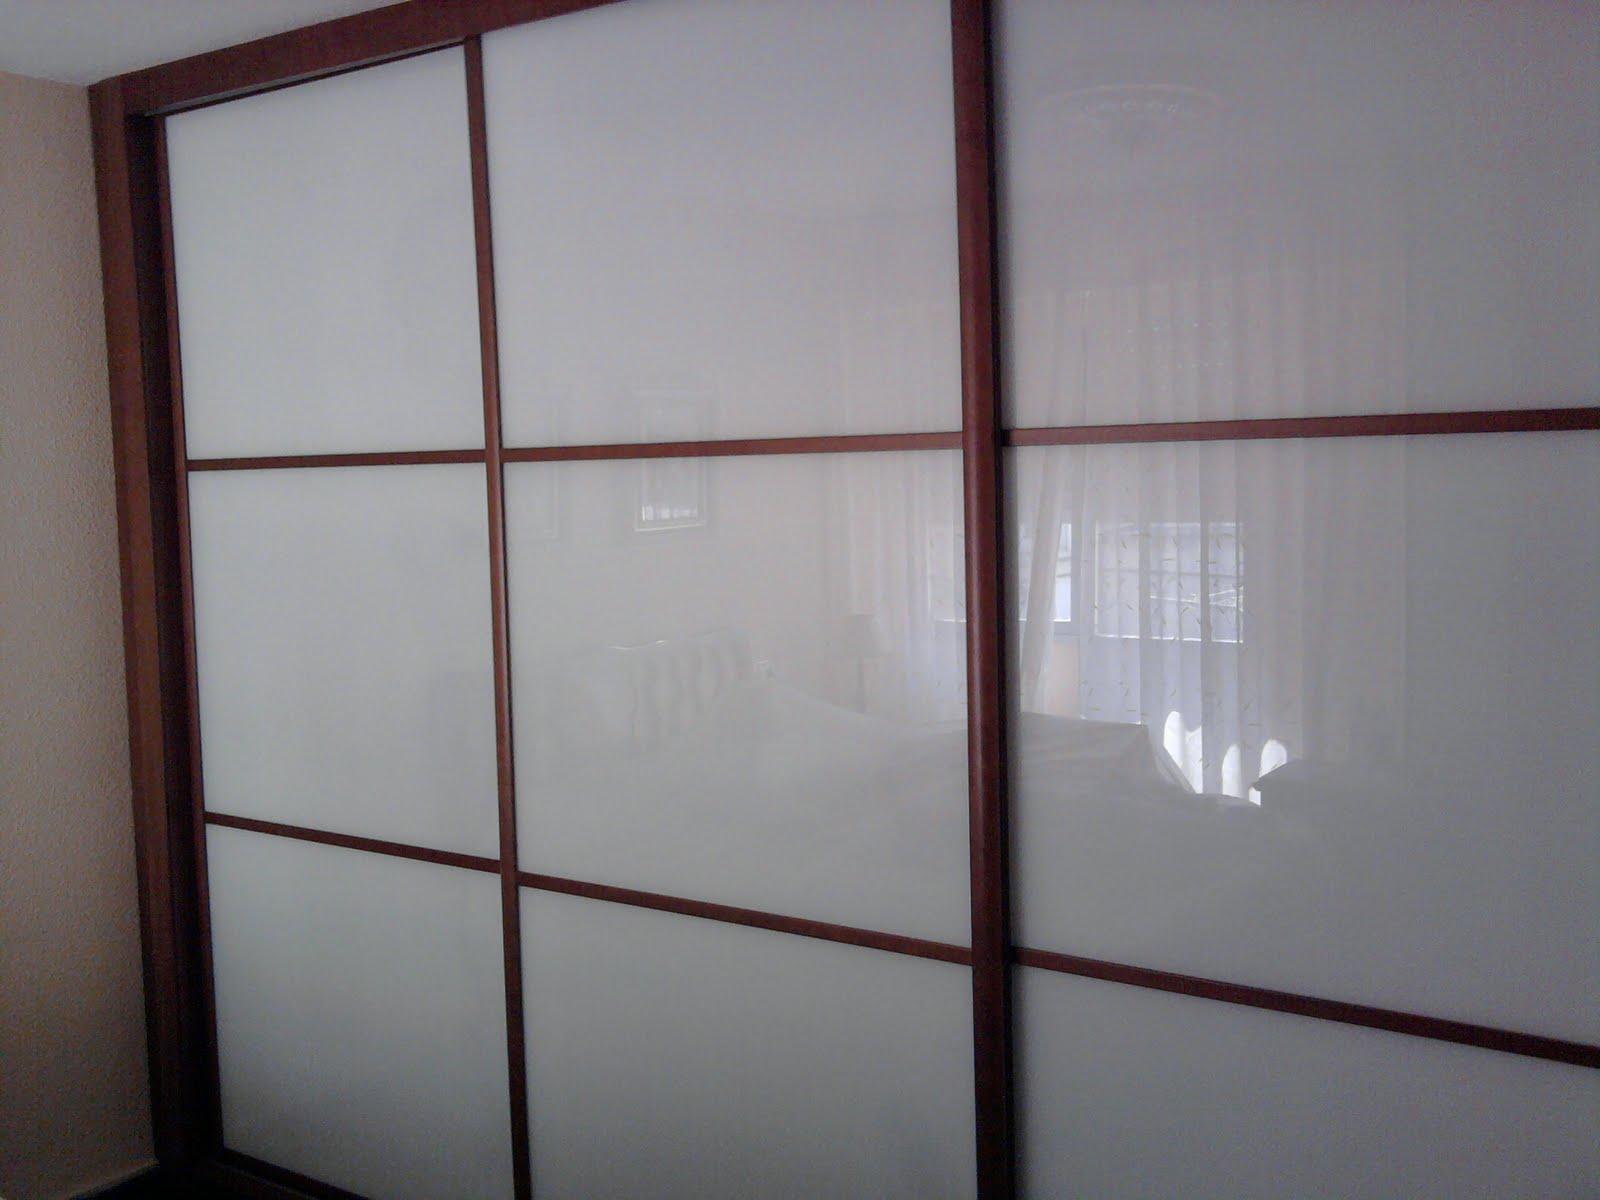 Decoraciones sahuquillo armario cerezo puertas correderas - Puertas correderas estilo japones ...